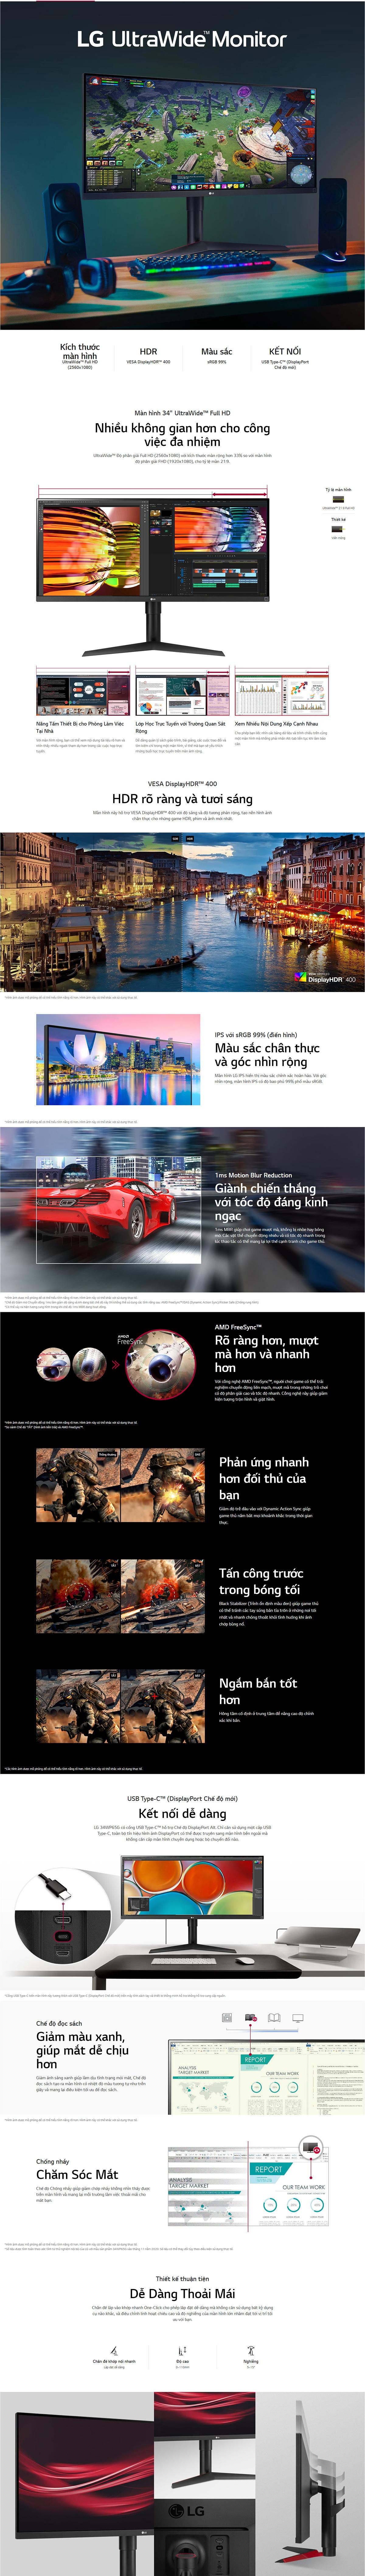 LG UltraWide 34WP65G B Monitor Details